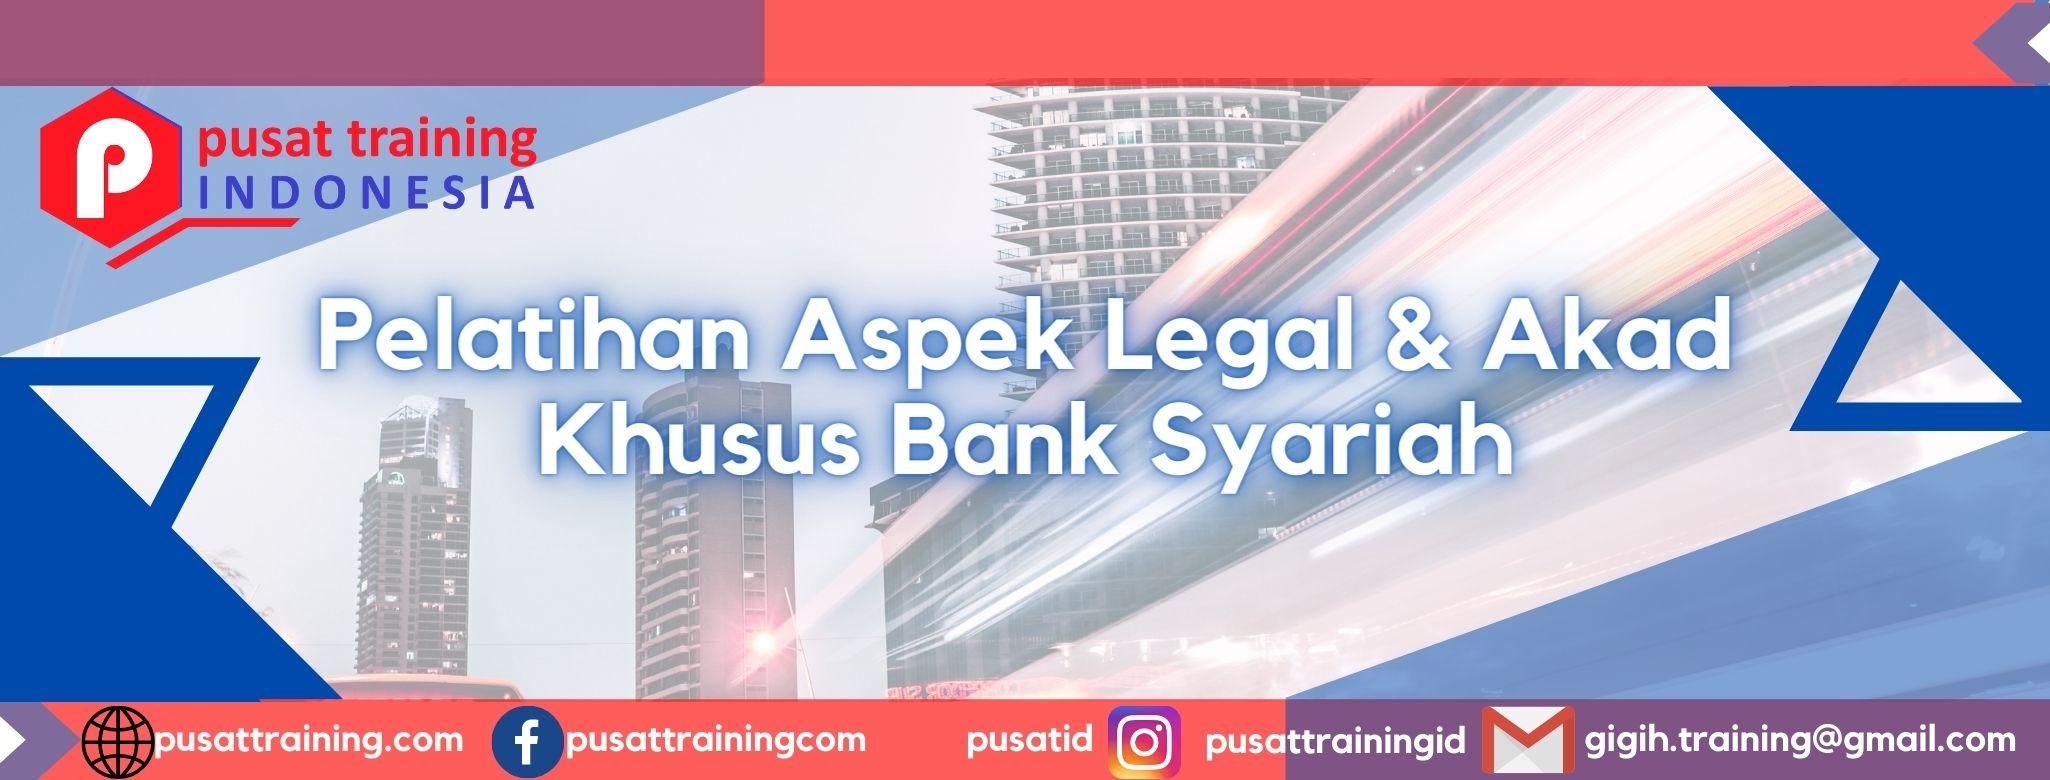 Pelatihan-Aspek-Legal-Akad-Khusus-Bank-Syariah